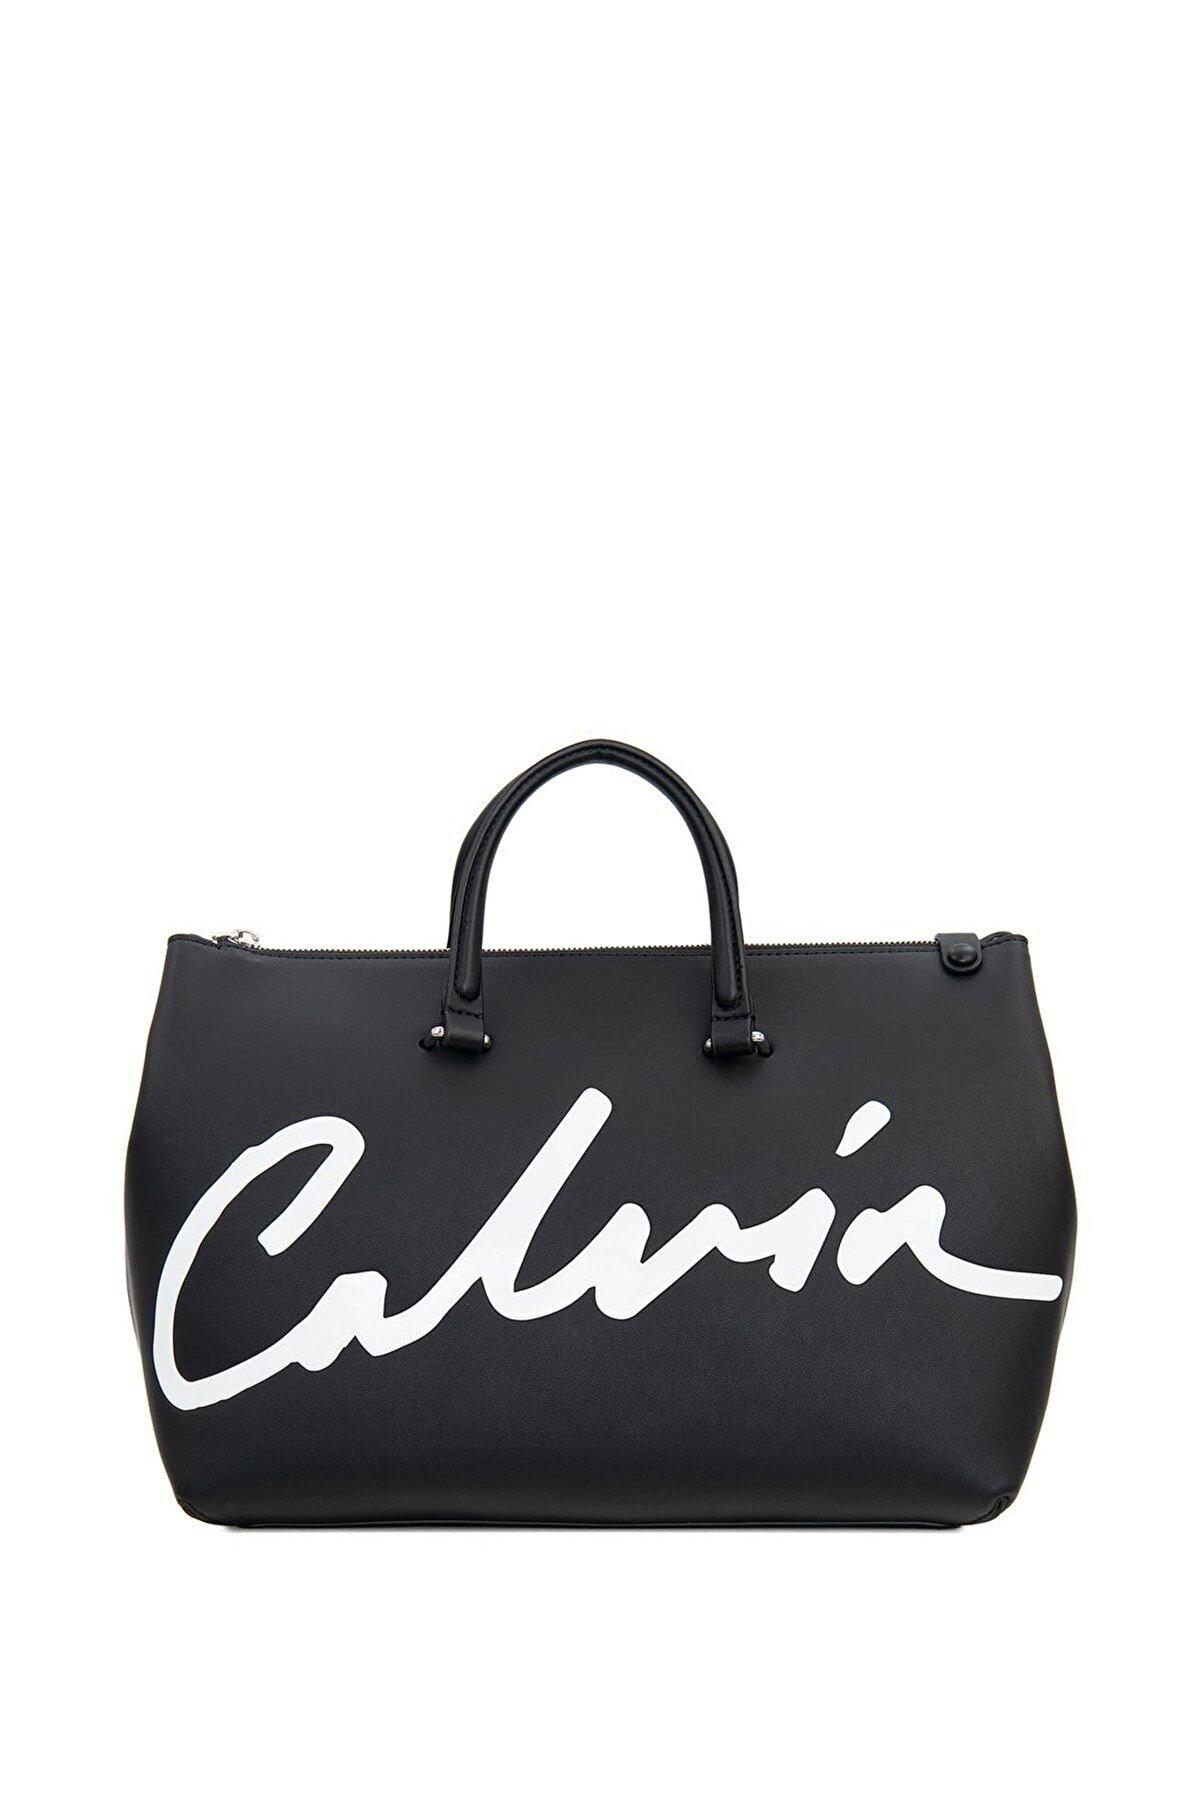 Calvin Klein Kadın Sculpted Satchel El Çantası